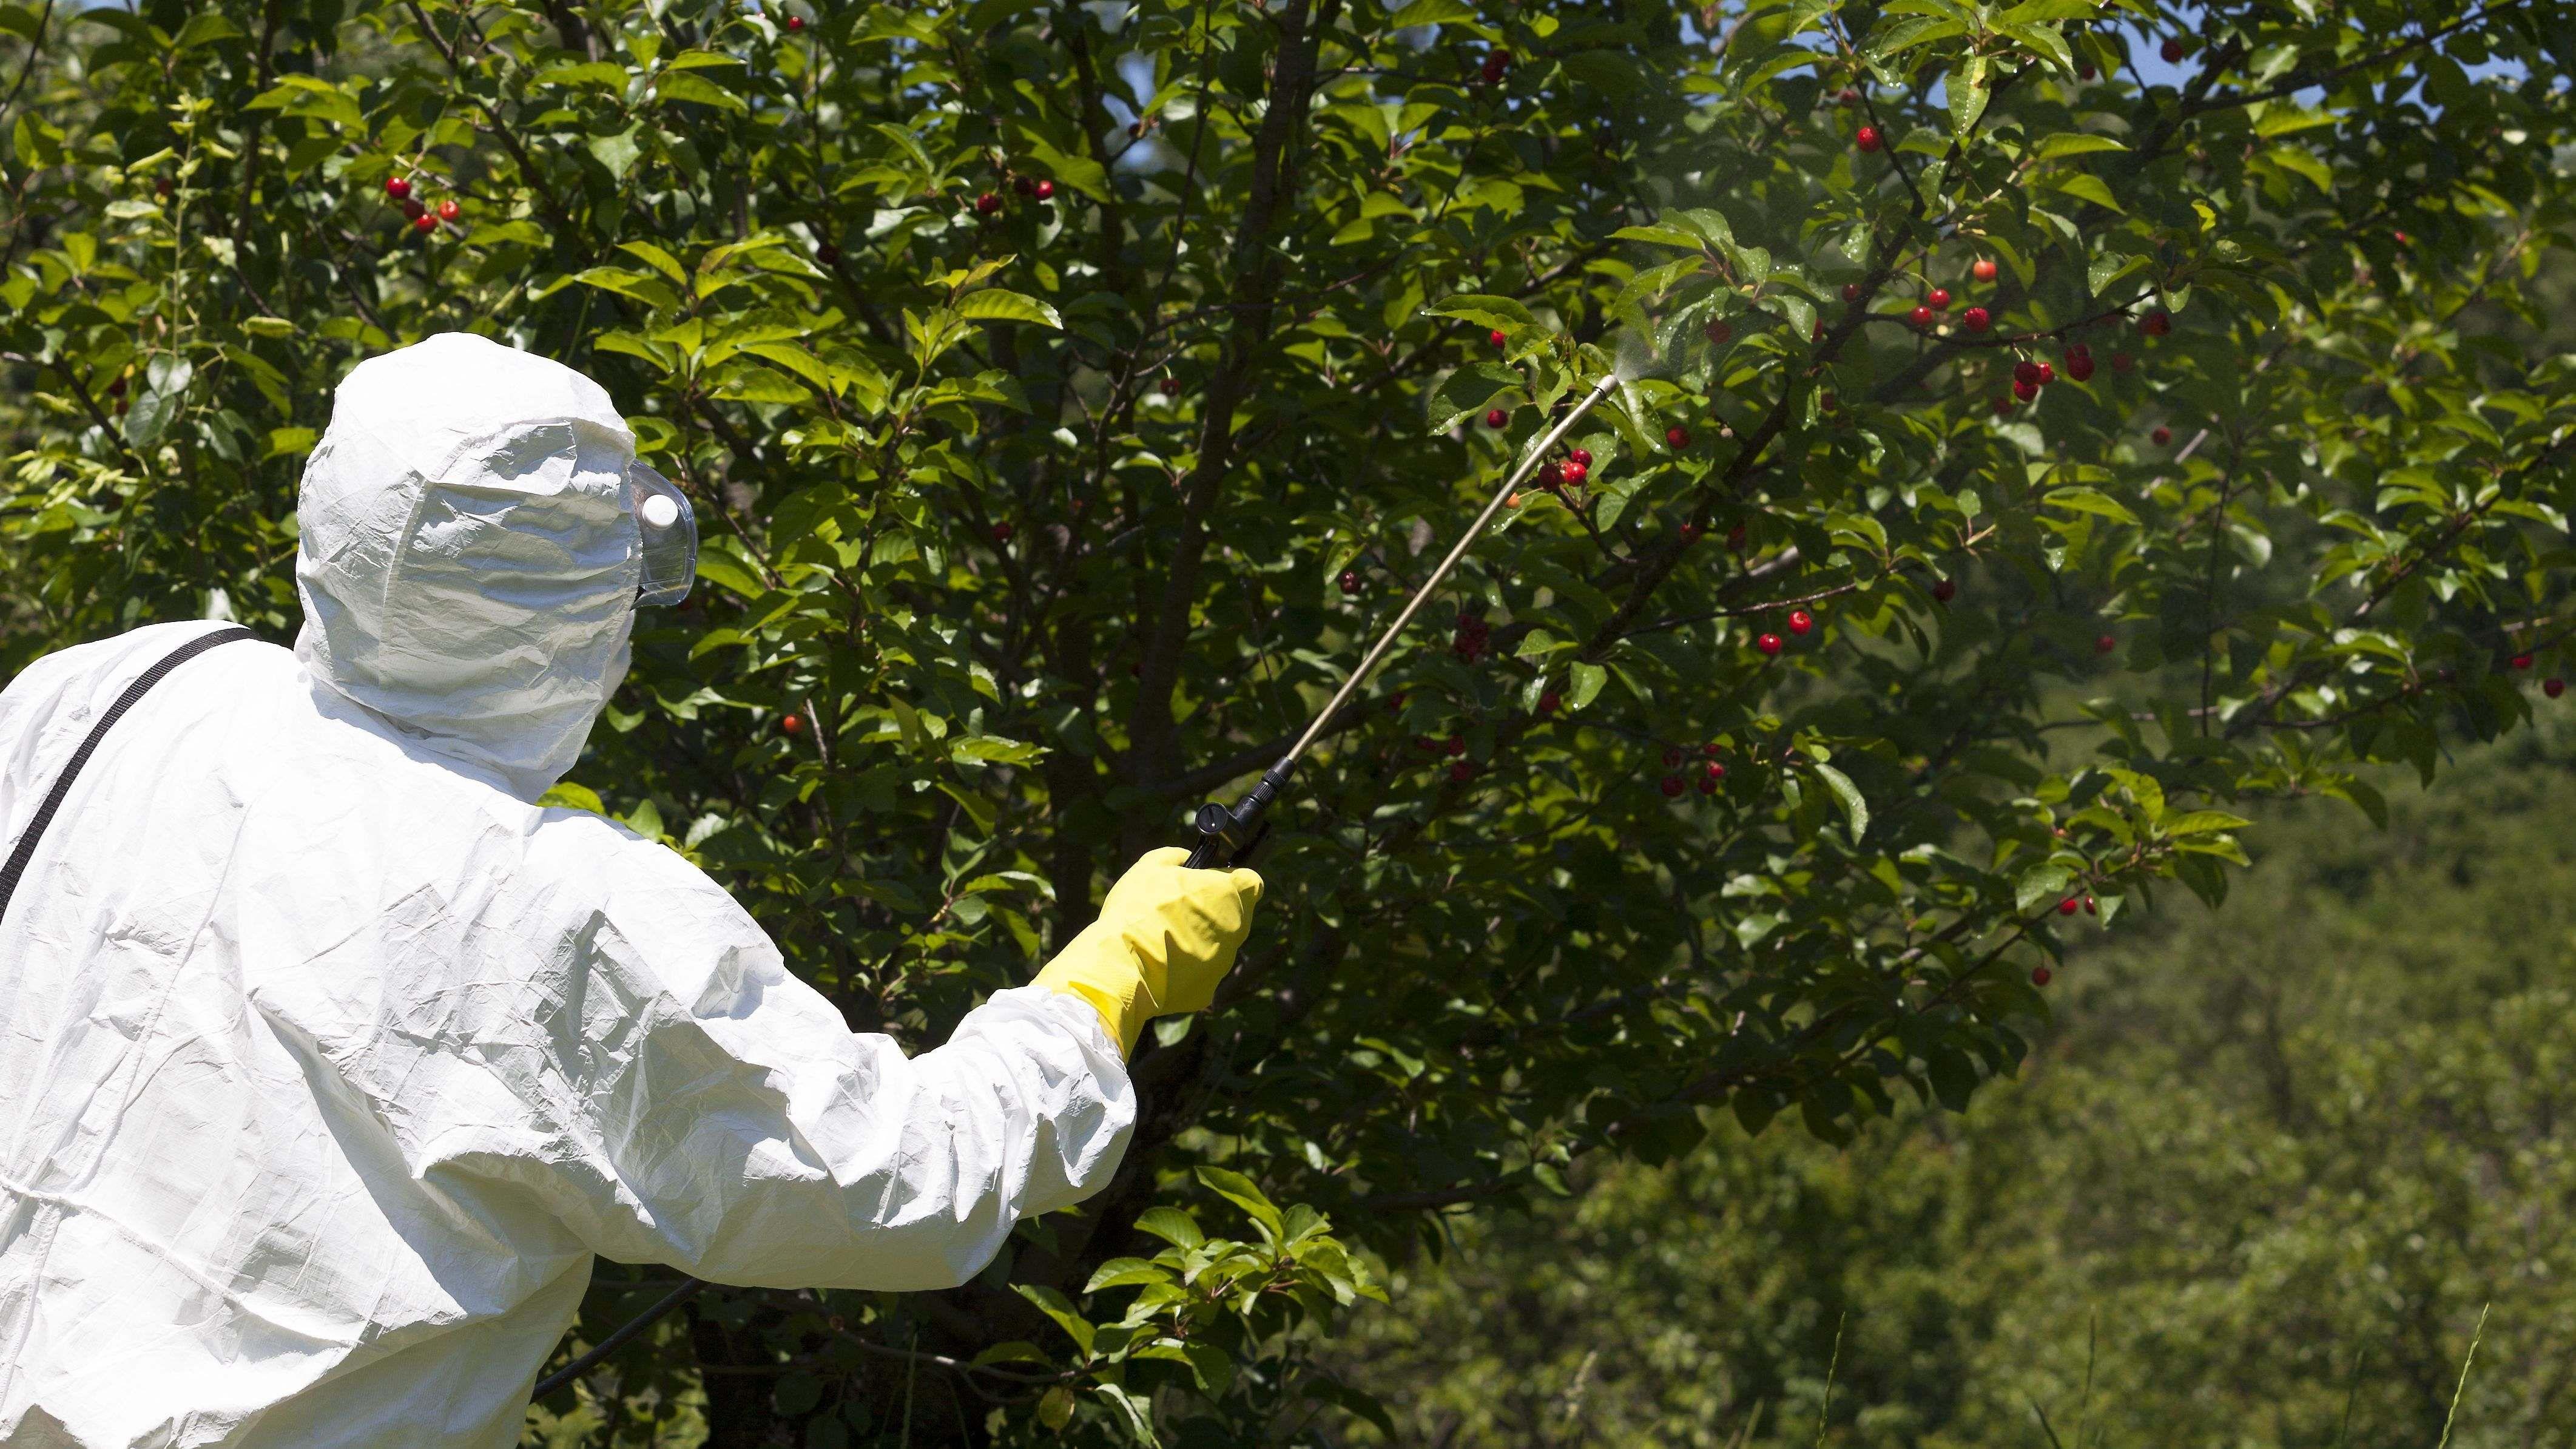 Comment traiter les arbres fruitiers